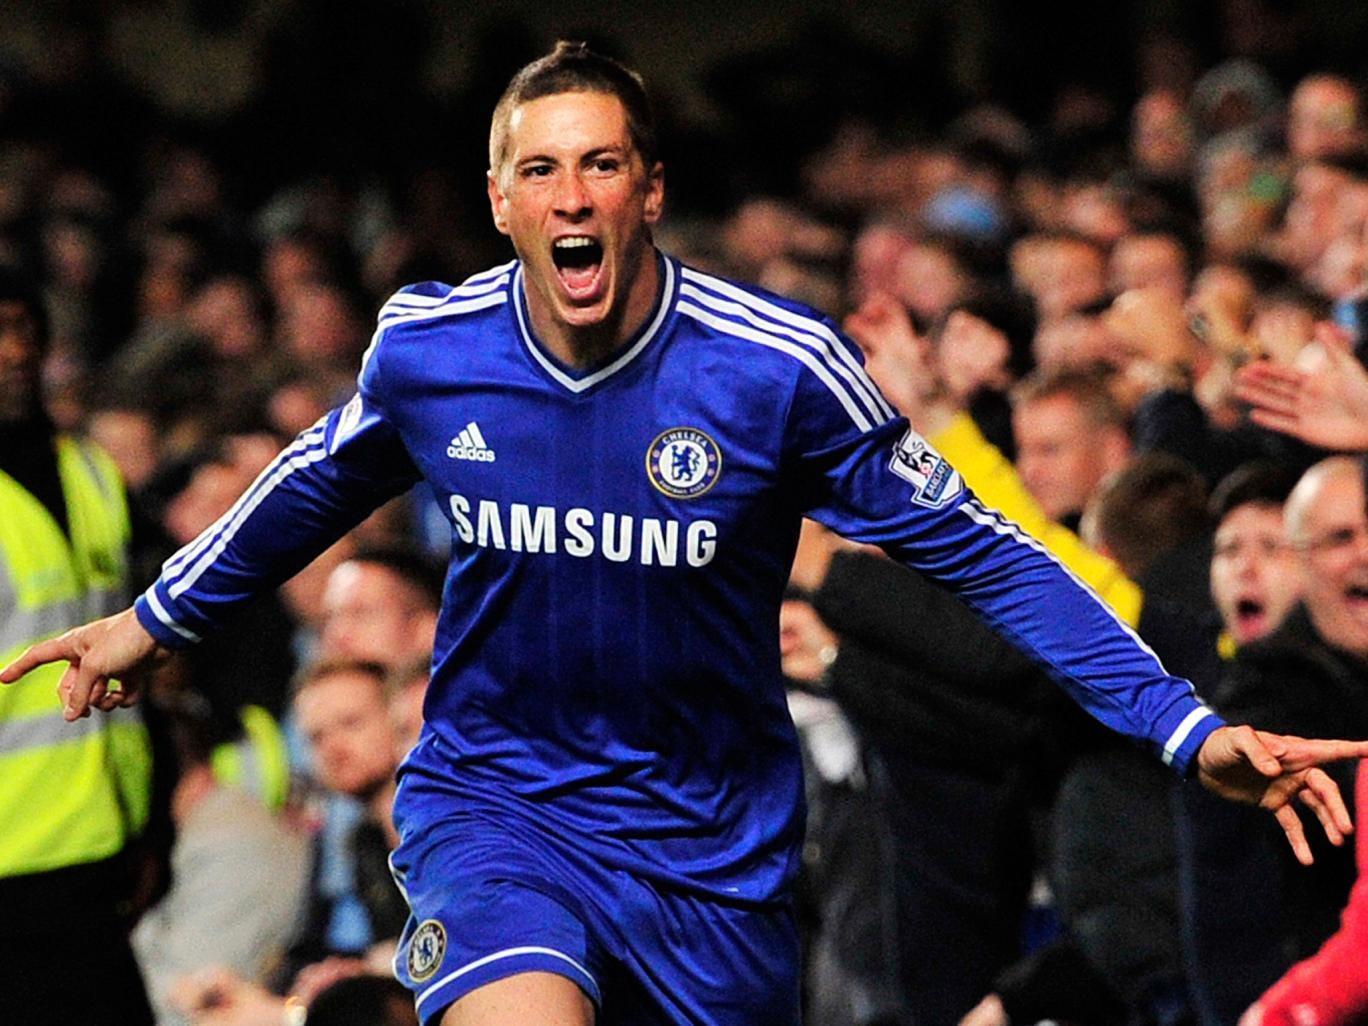 Fernando Torres celebrates scoring the winning goal for Chelsea against Manchester City